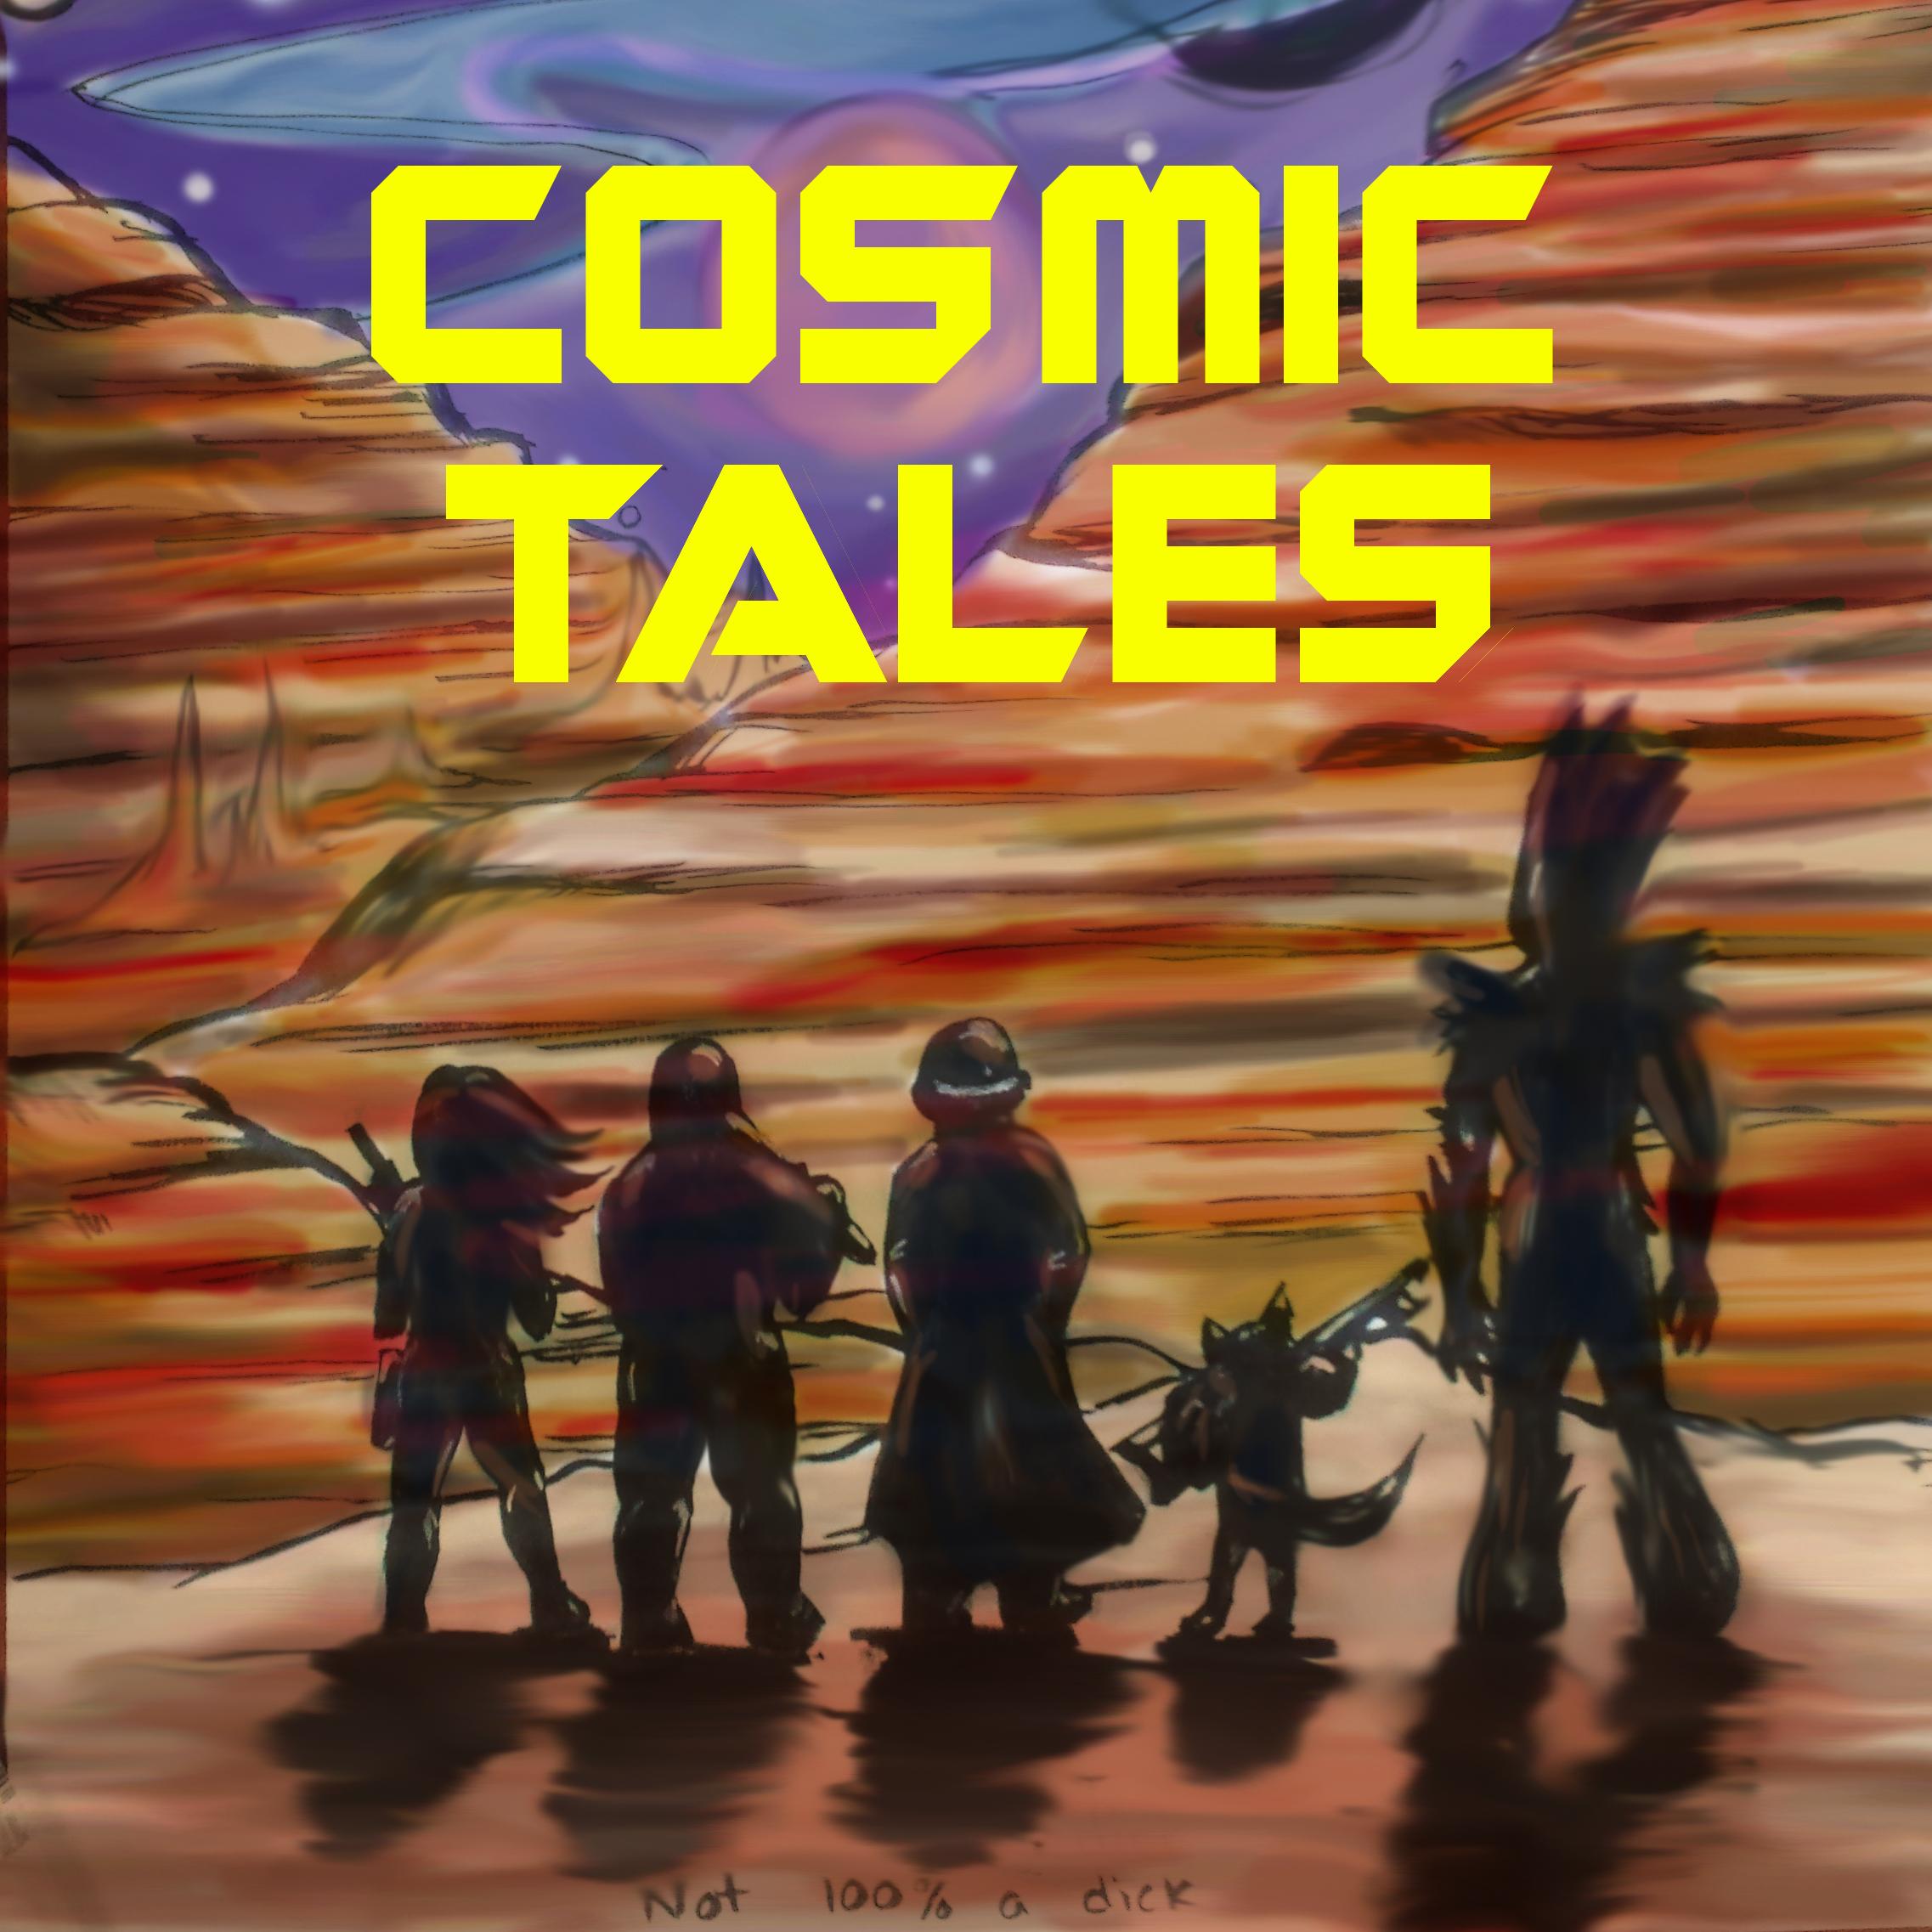 Cosmic Tales